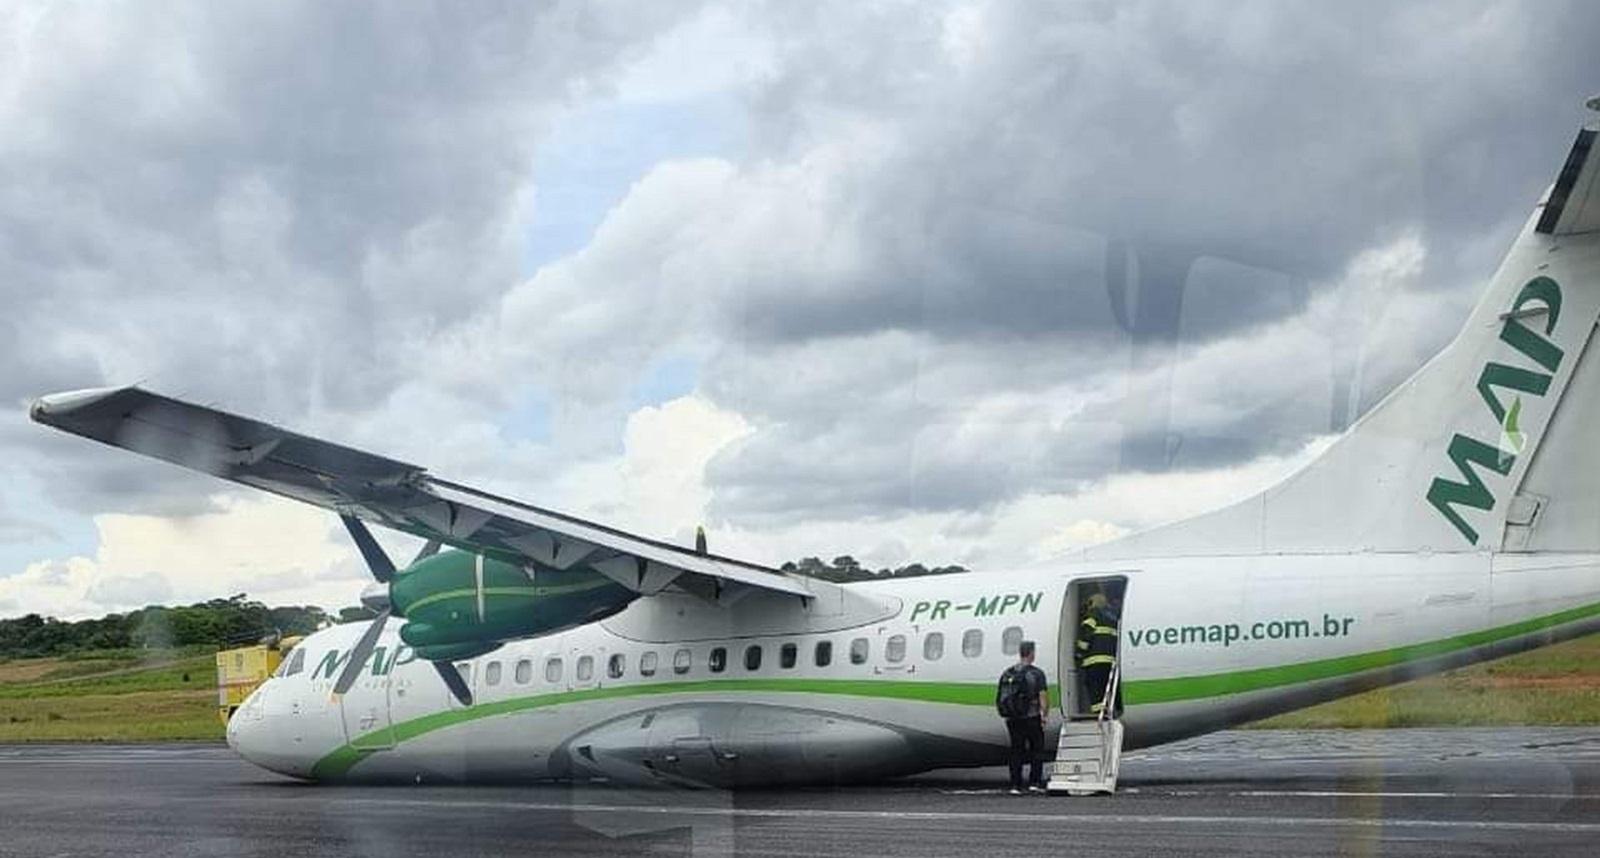 В Бразилии пилот посадил пассажирский самолет без шасси: видео